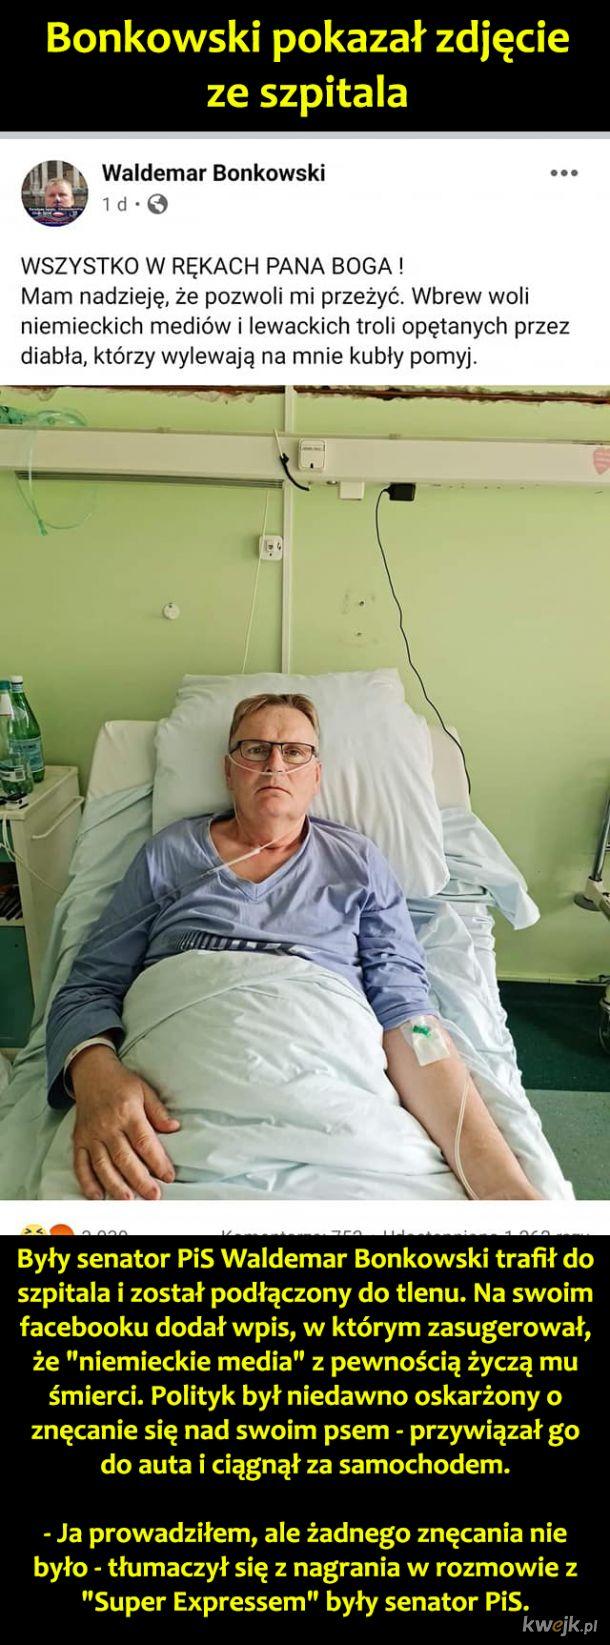 Bonkowski w szpitalu